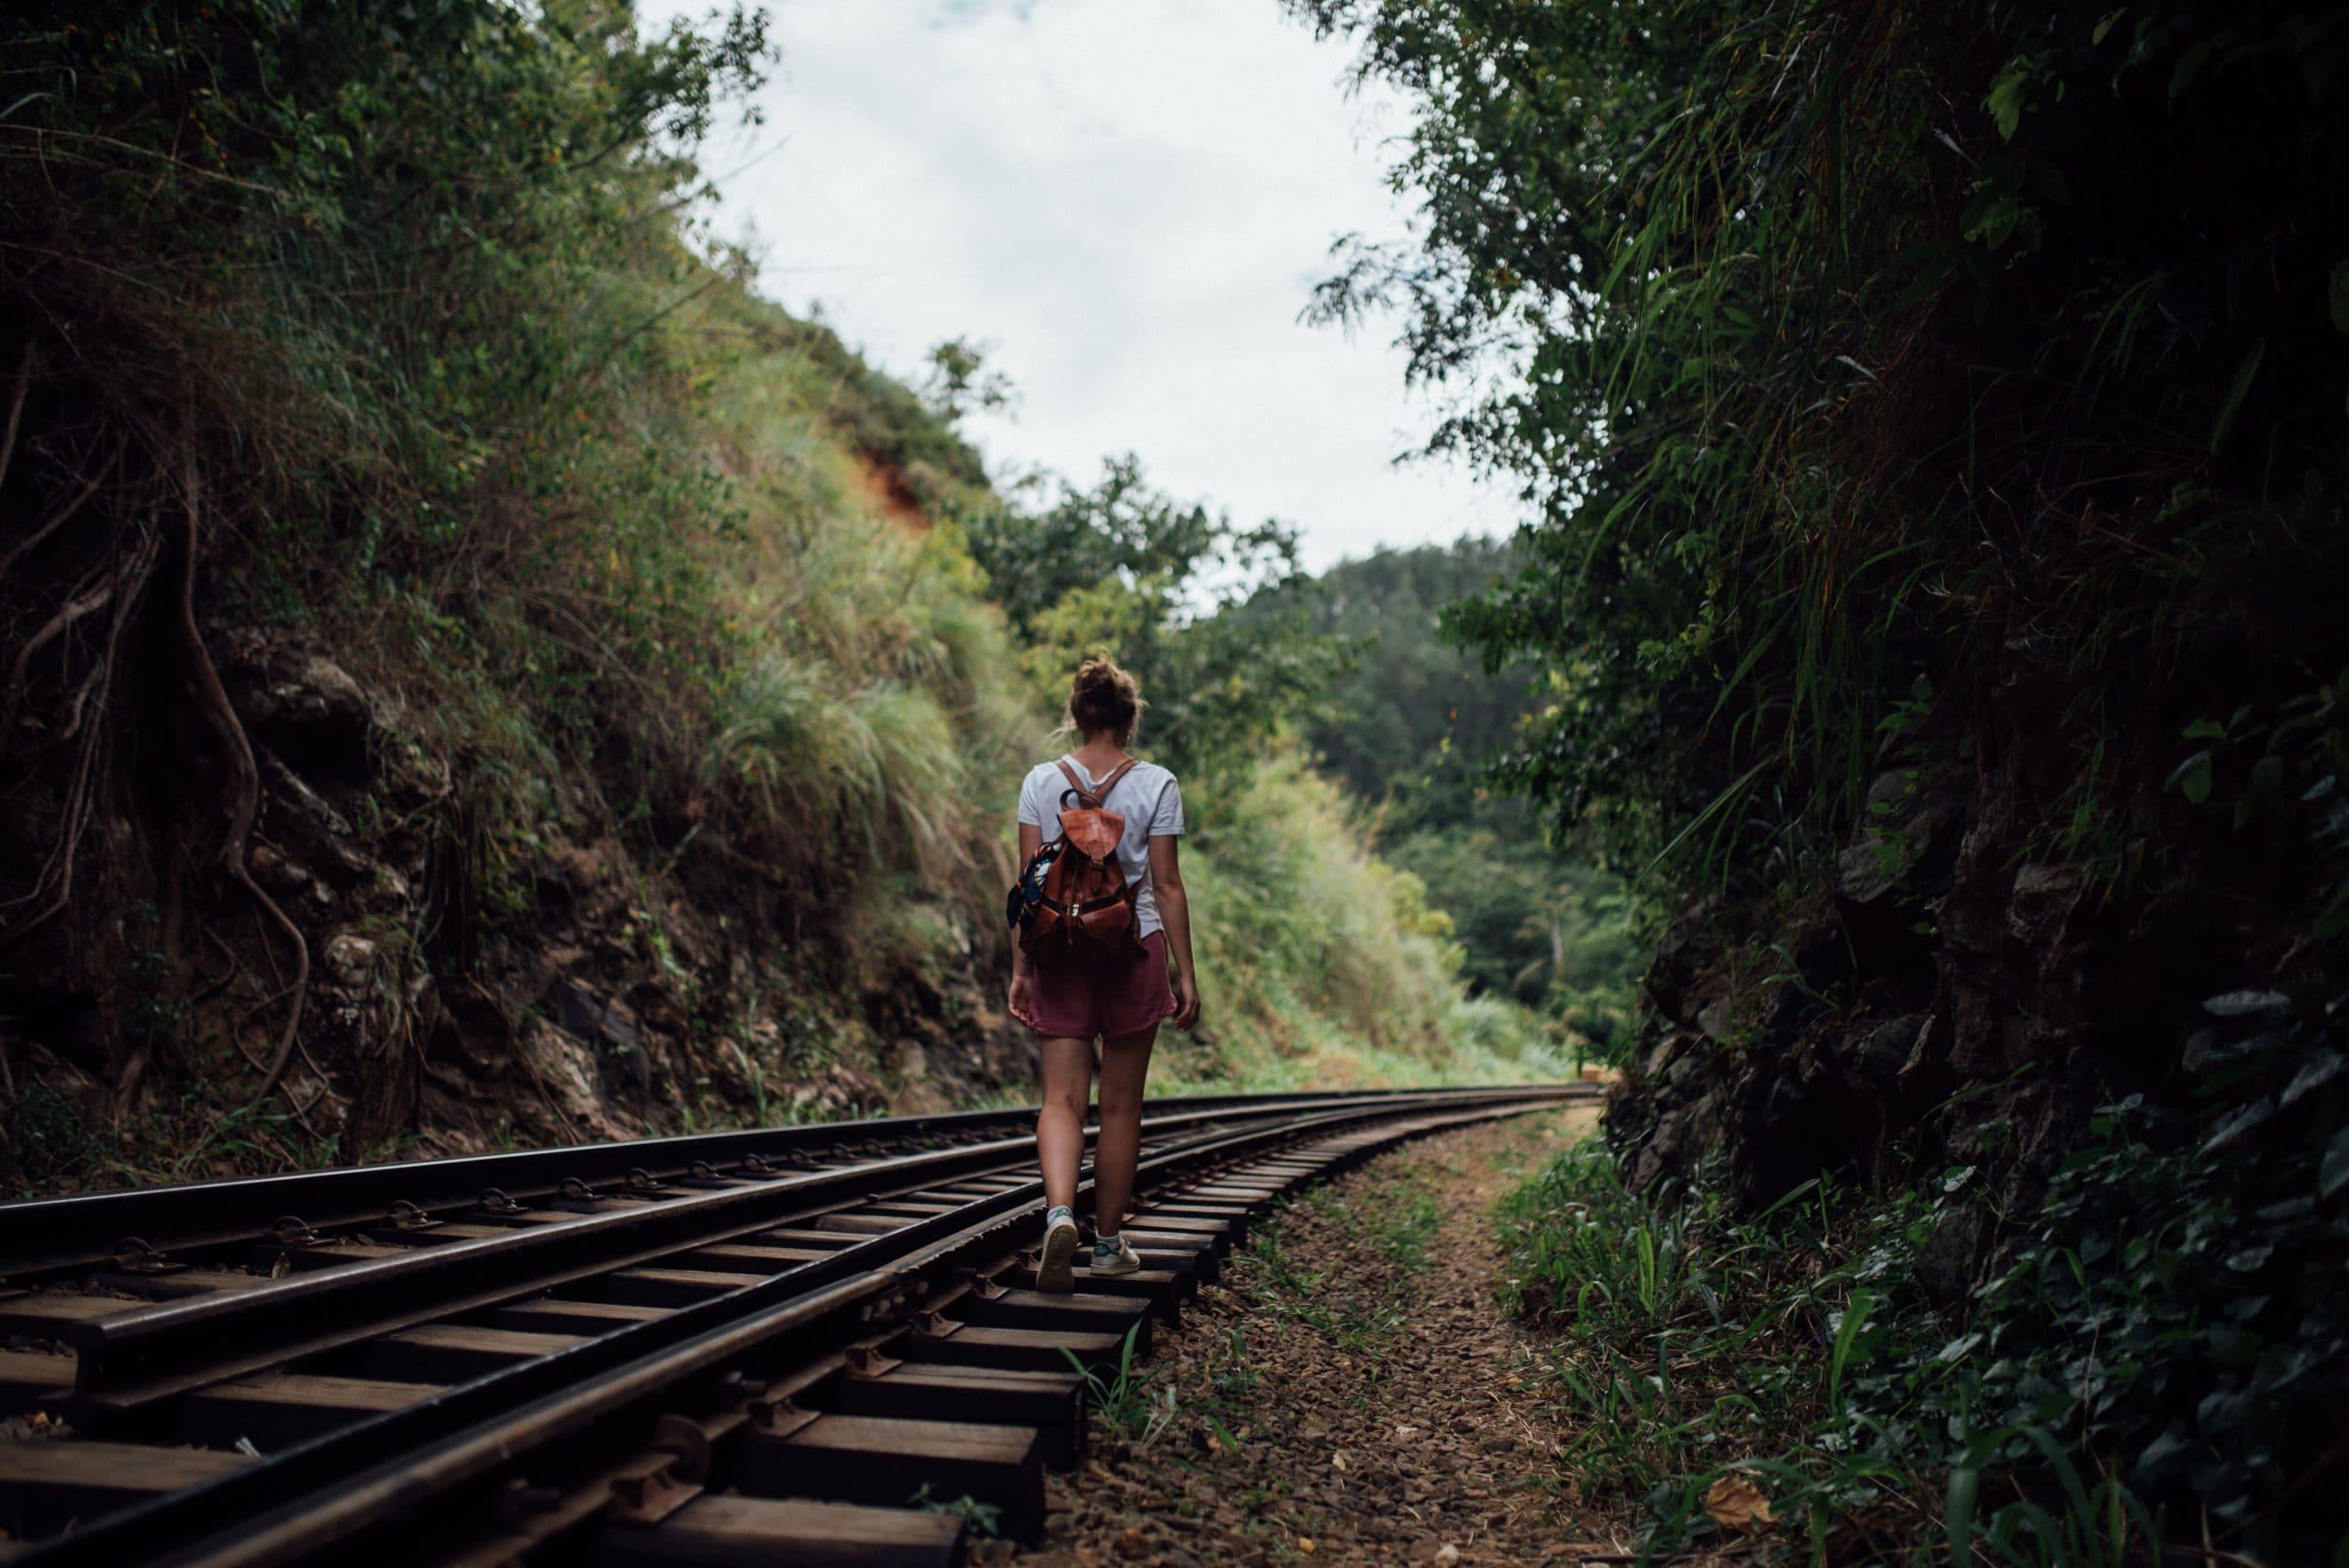 Mulher andando sobre os trilhos do trem.